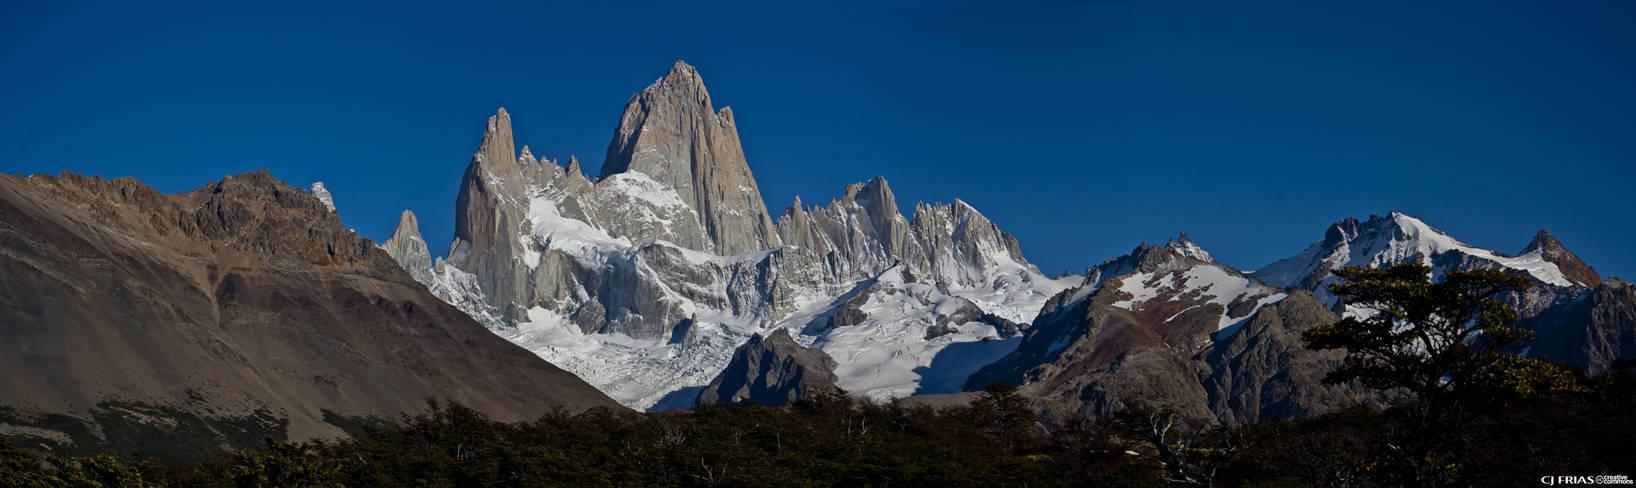 Panoramica El Chalten